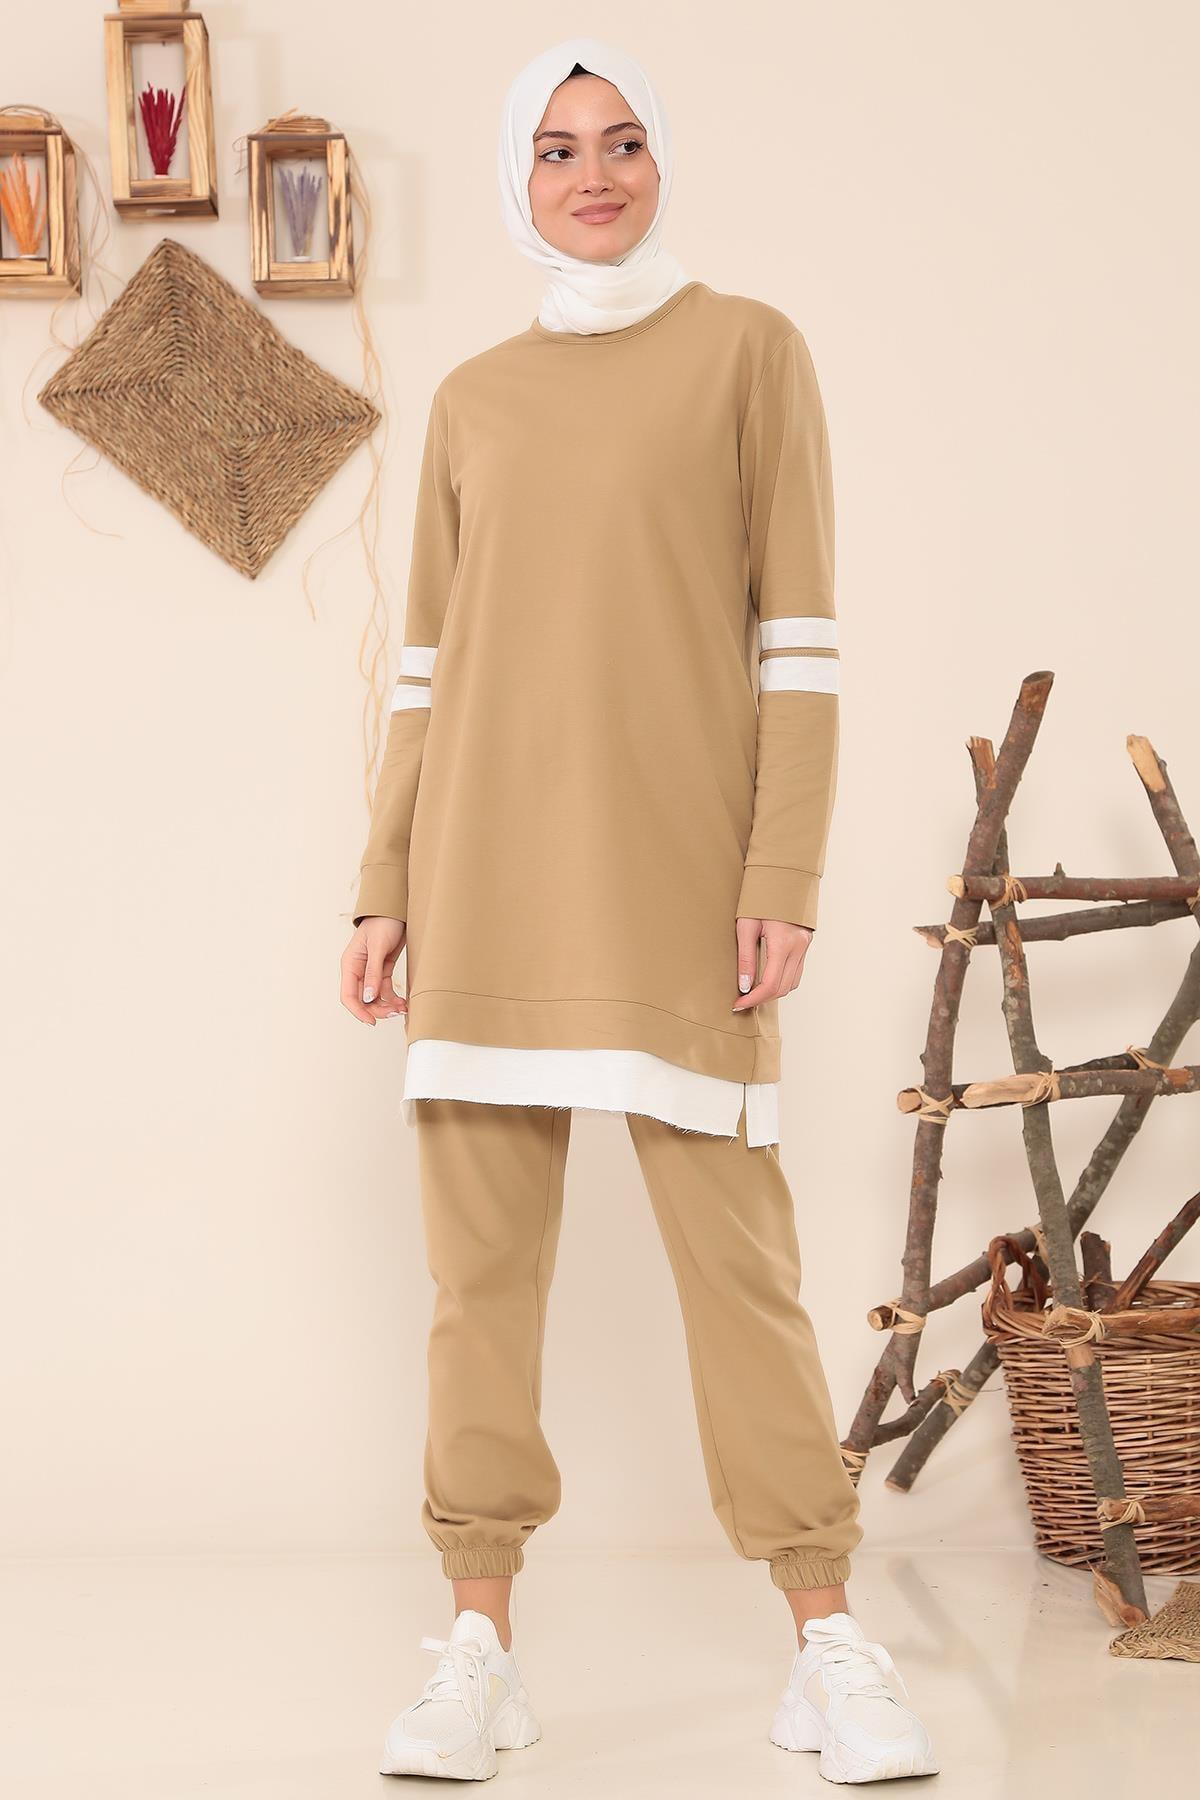 MODA GÜLAY Kolları Şeritli Salaş Pantalonlu Takım 1